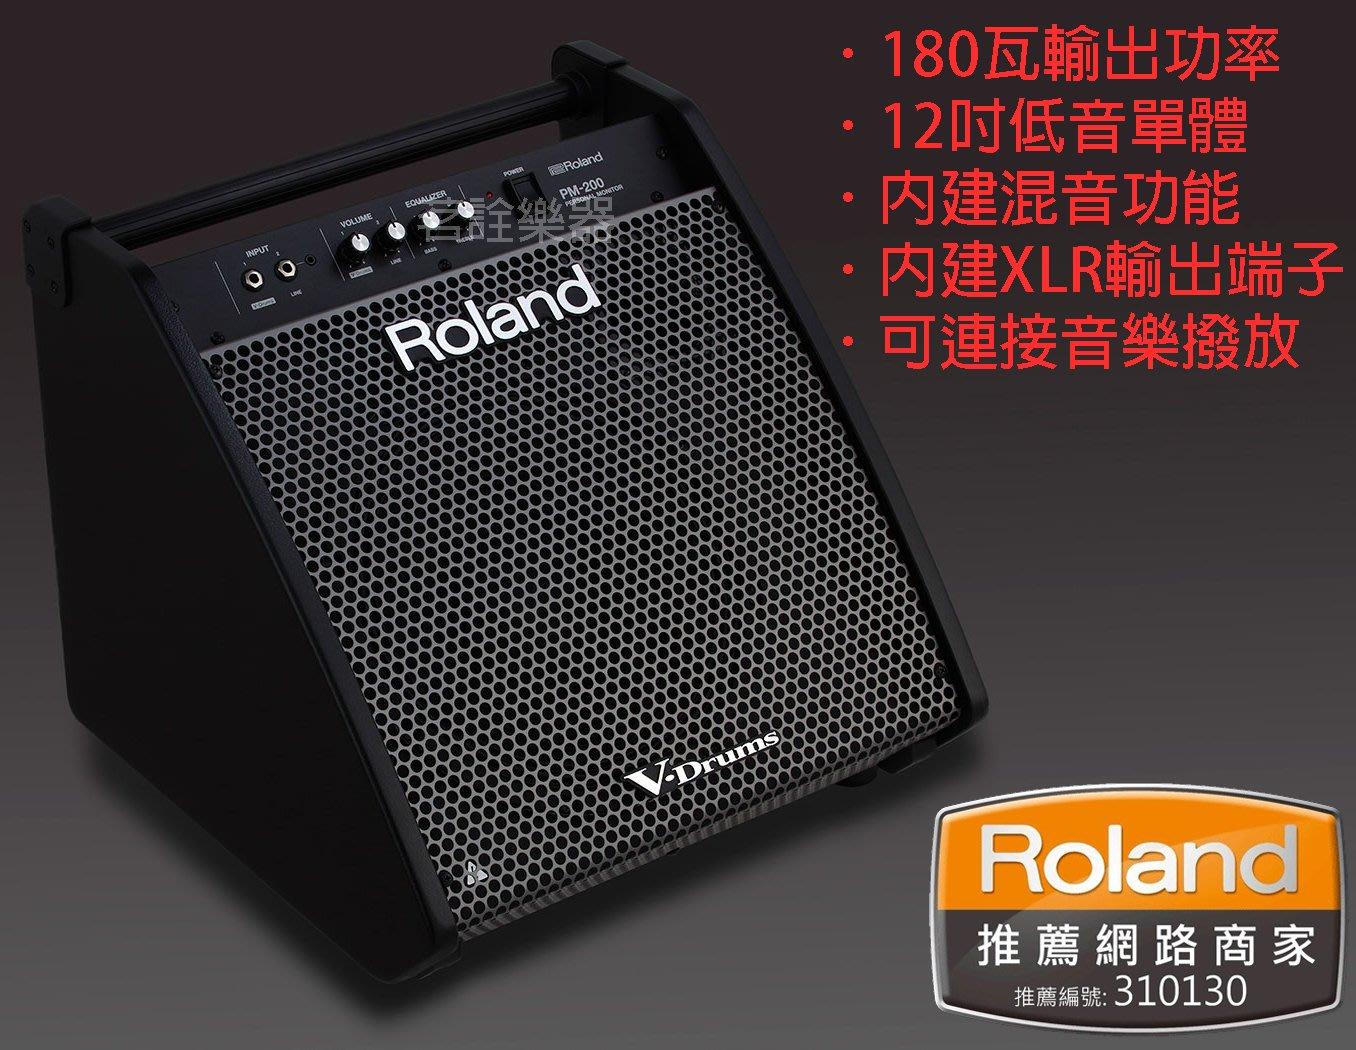 新款 日本 Roland PM-200 180W 電子鼓 音箱 音響 監聽喇叭 個人監聽 V-Drums【茗詮樂器】